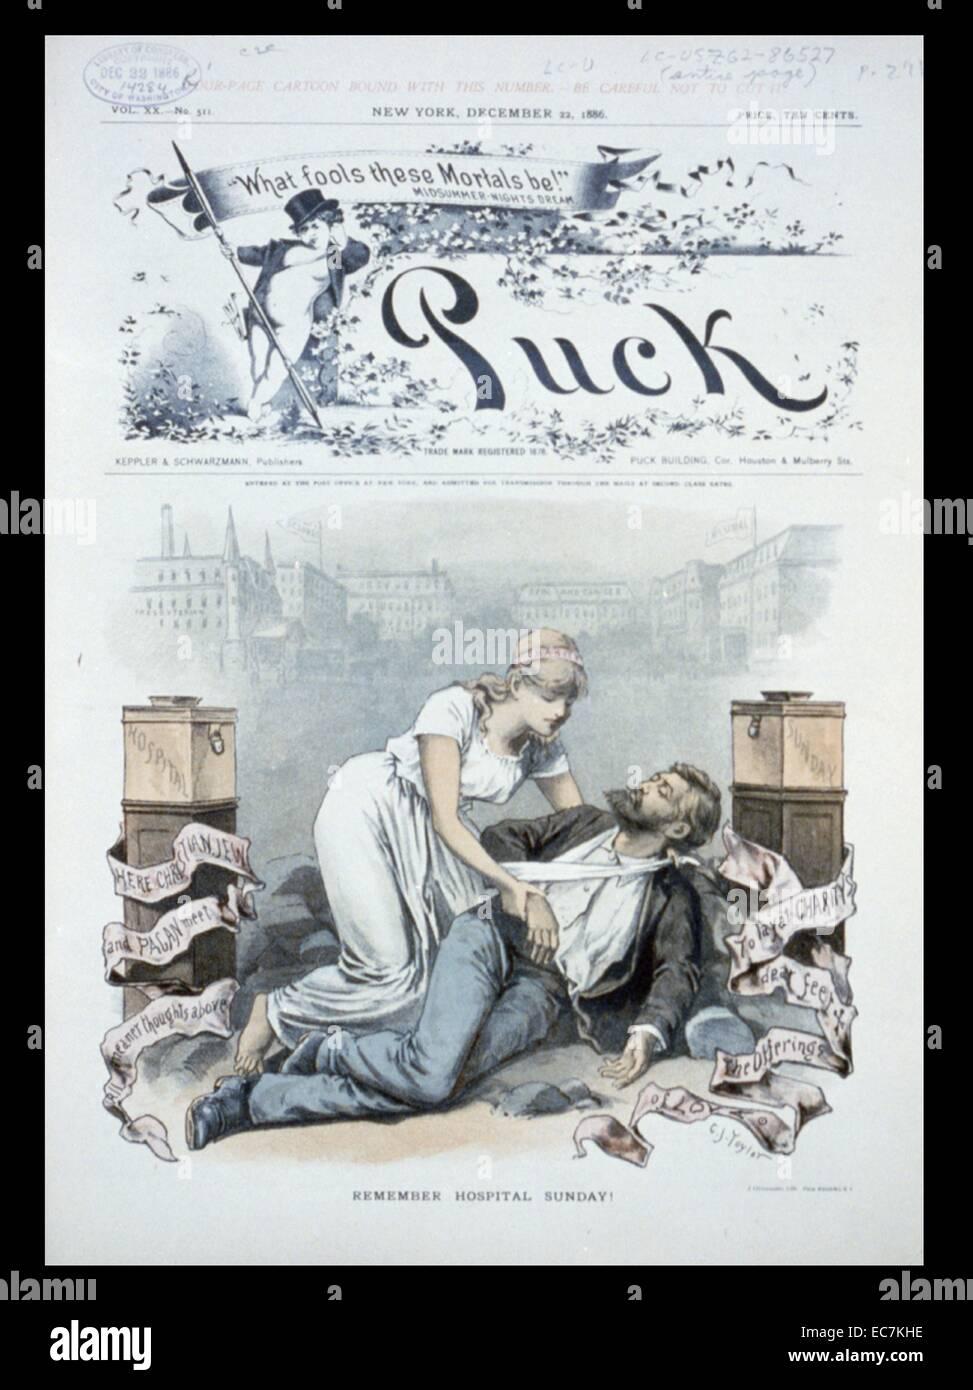 Denken Sie daran, Krankenhaus Sonntag! Eine Frau aus Nächstenliebe helfen, einen Mann auf dem Boden liegend Stockbild